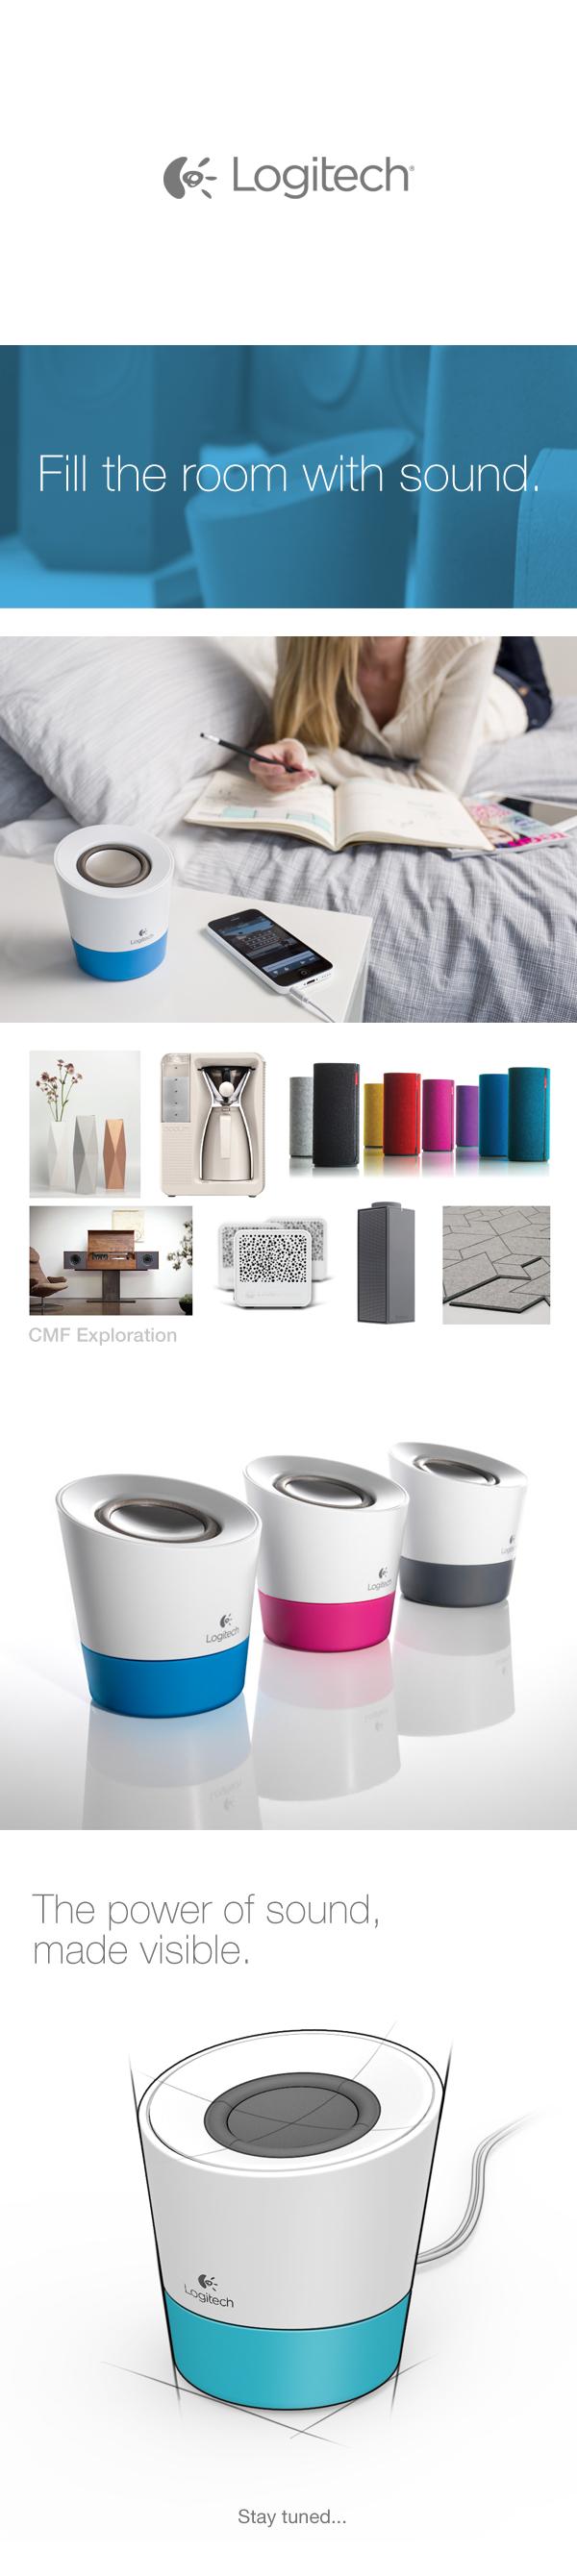 design speaker design language visual